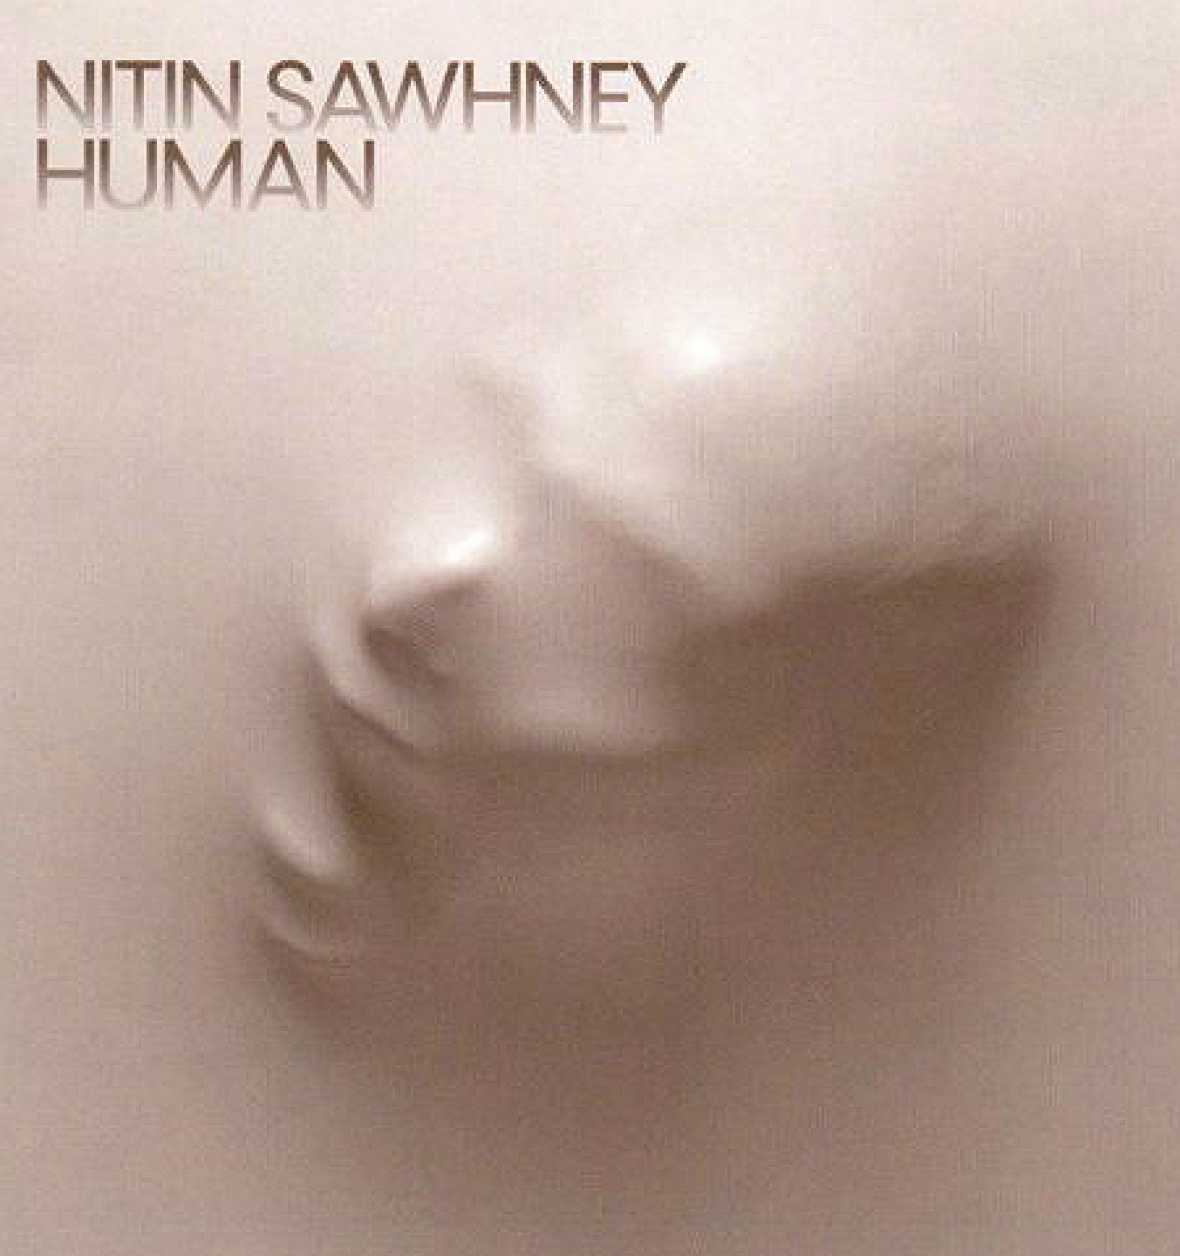 Próxima parada - Nitin Sawhney aclamado por la crítica - 14/06/17 - Escuchar ahora